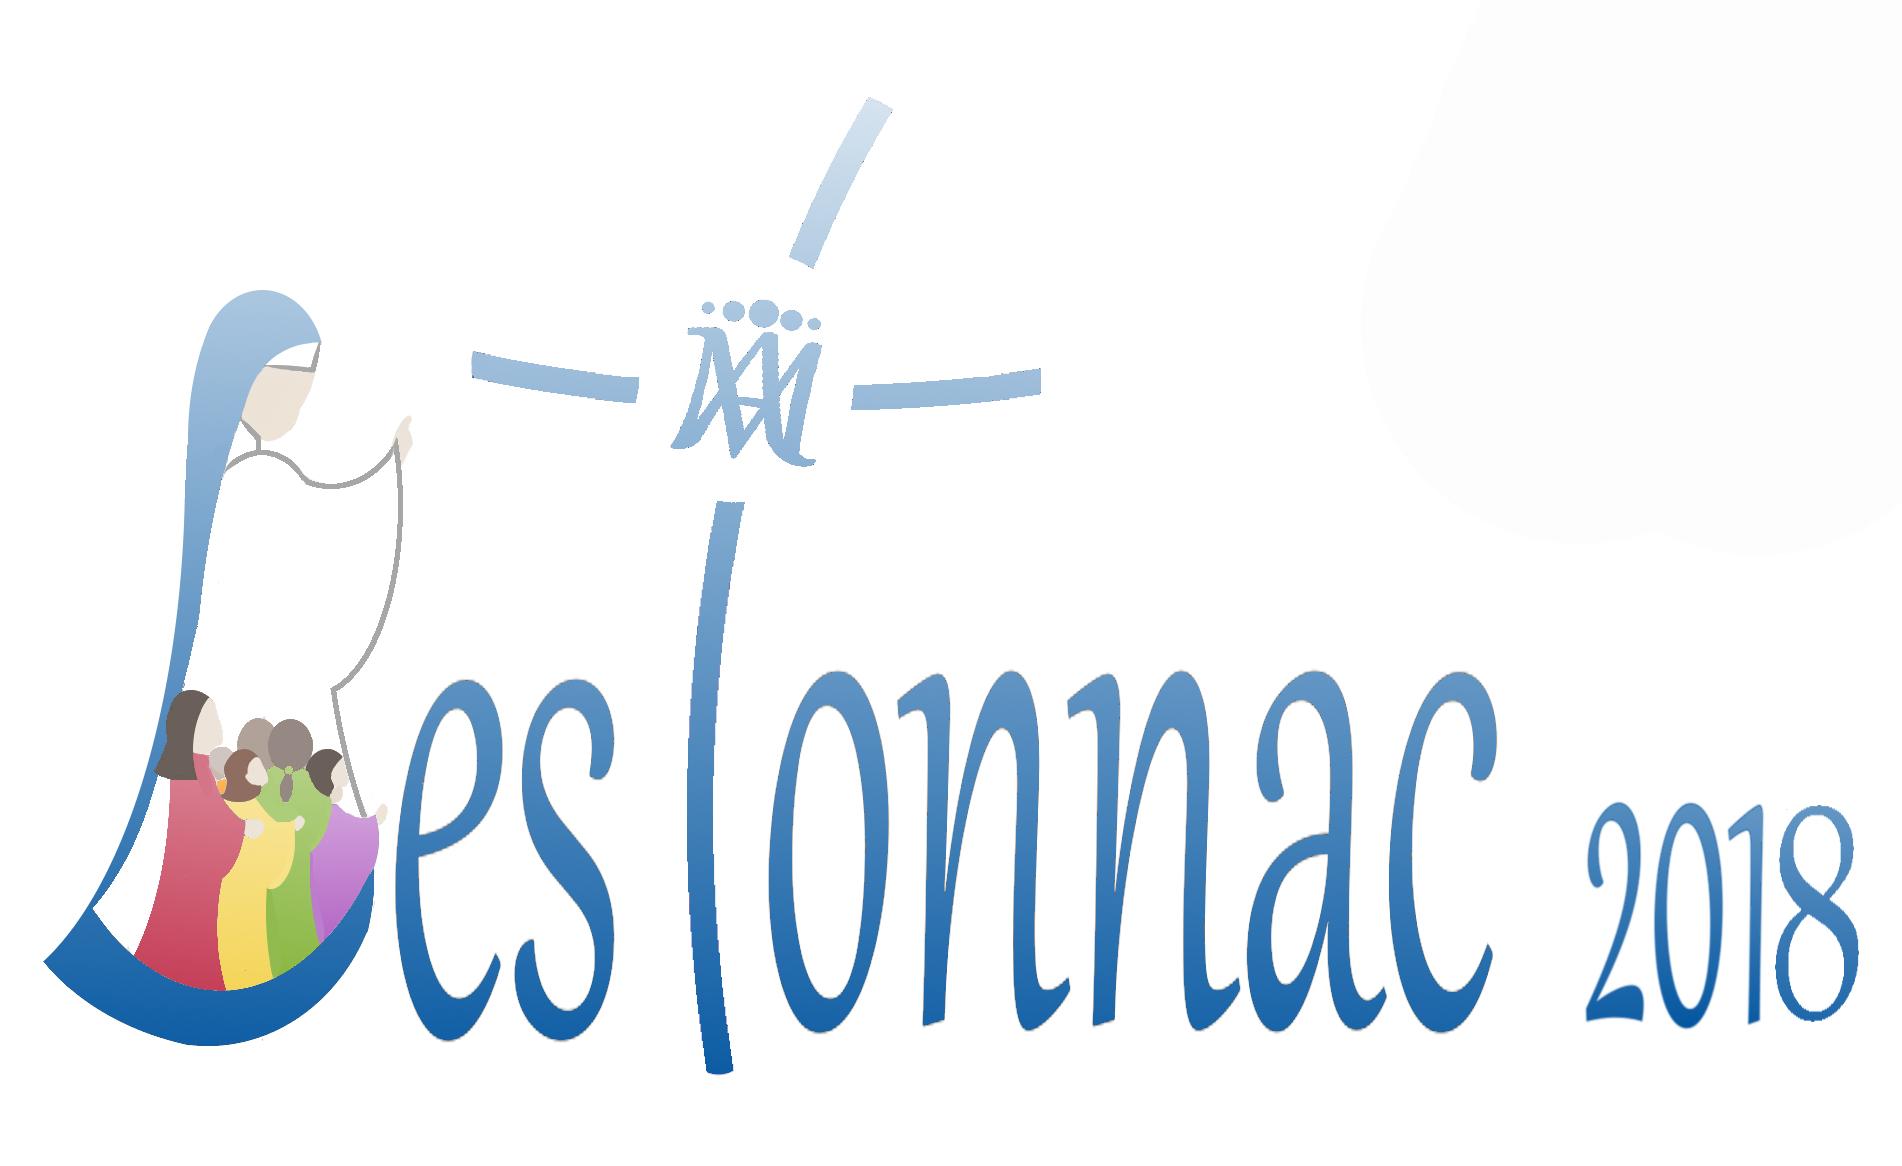 image_thumb_Un rassemblement à Lourdes, dans la complémentarité et la joie